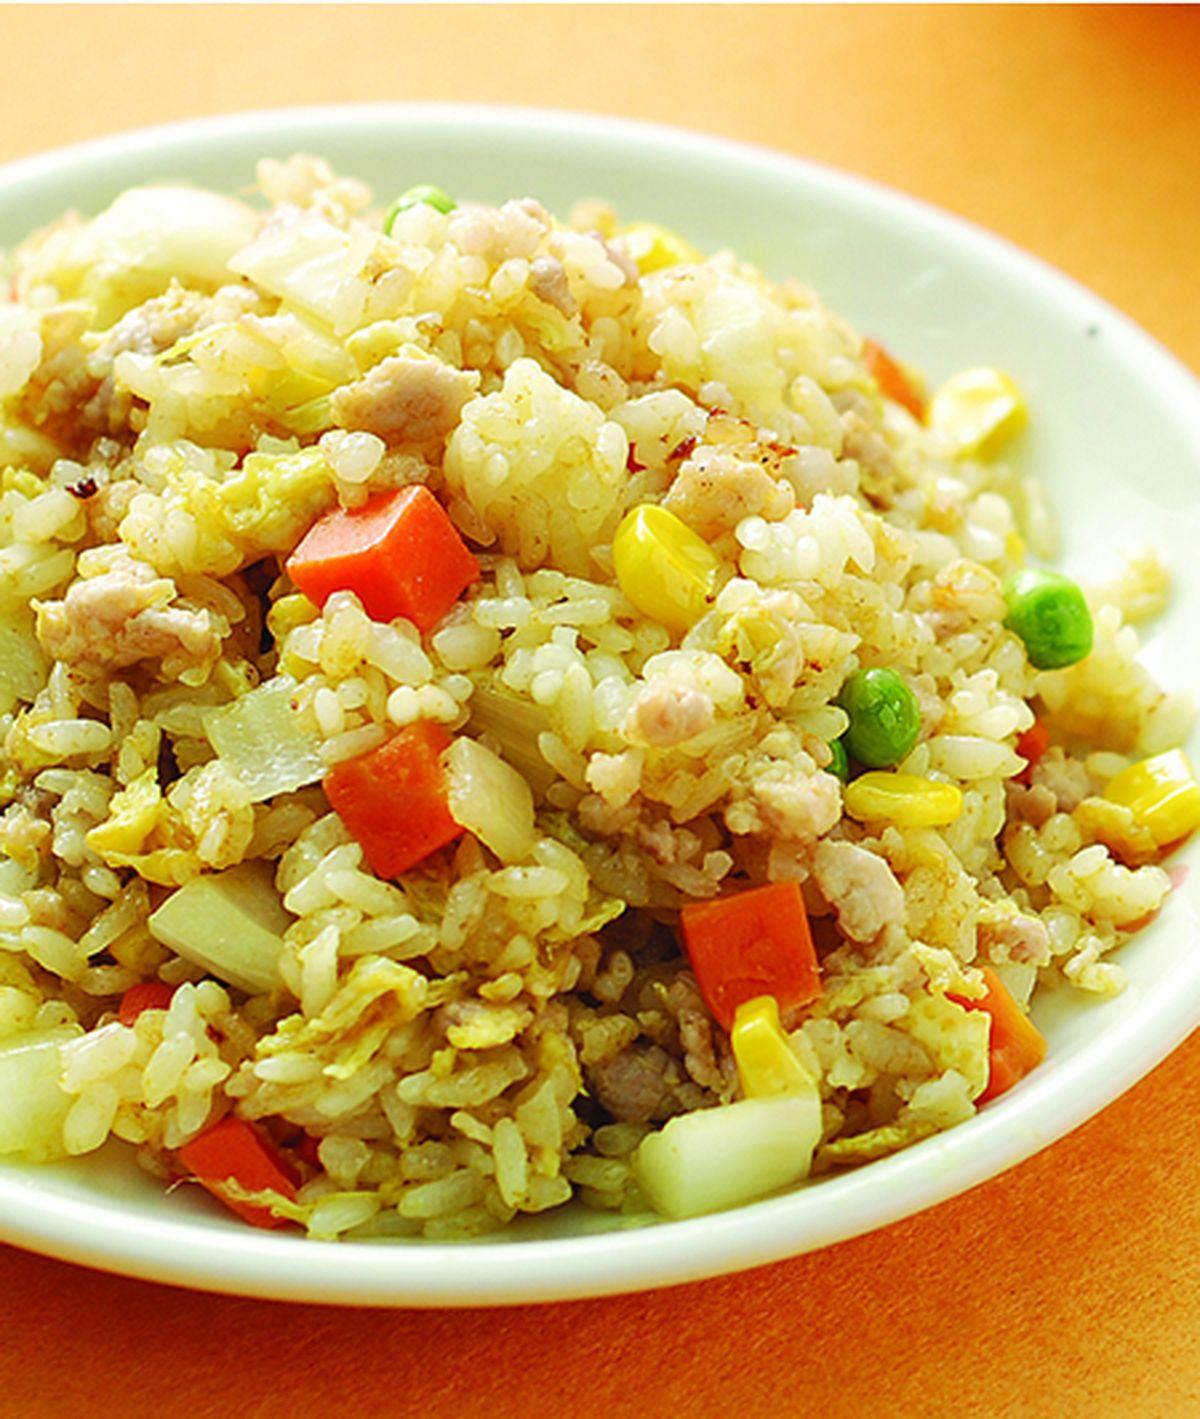 食譜:咖哩豬肉炒飯